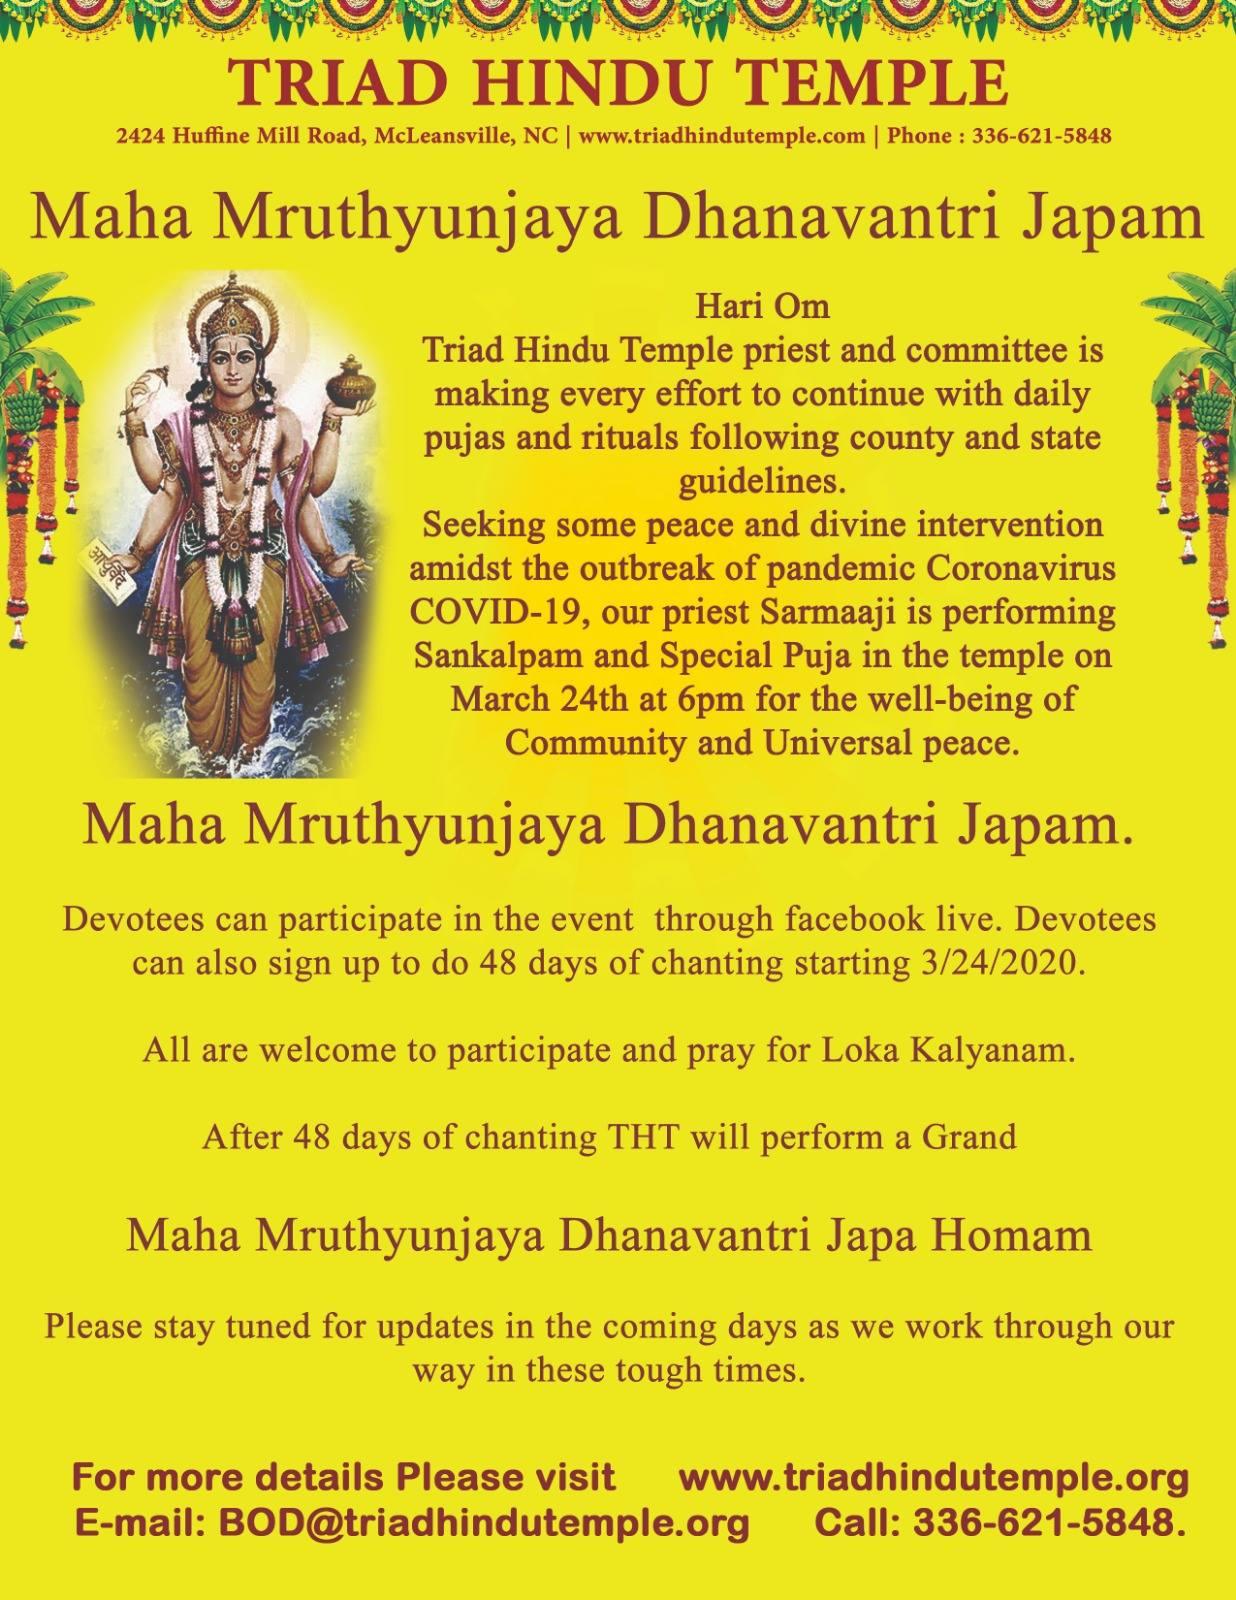 THT's Maha Mruthyunjaya Dhanavantri Japam